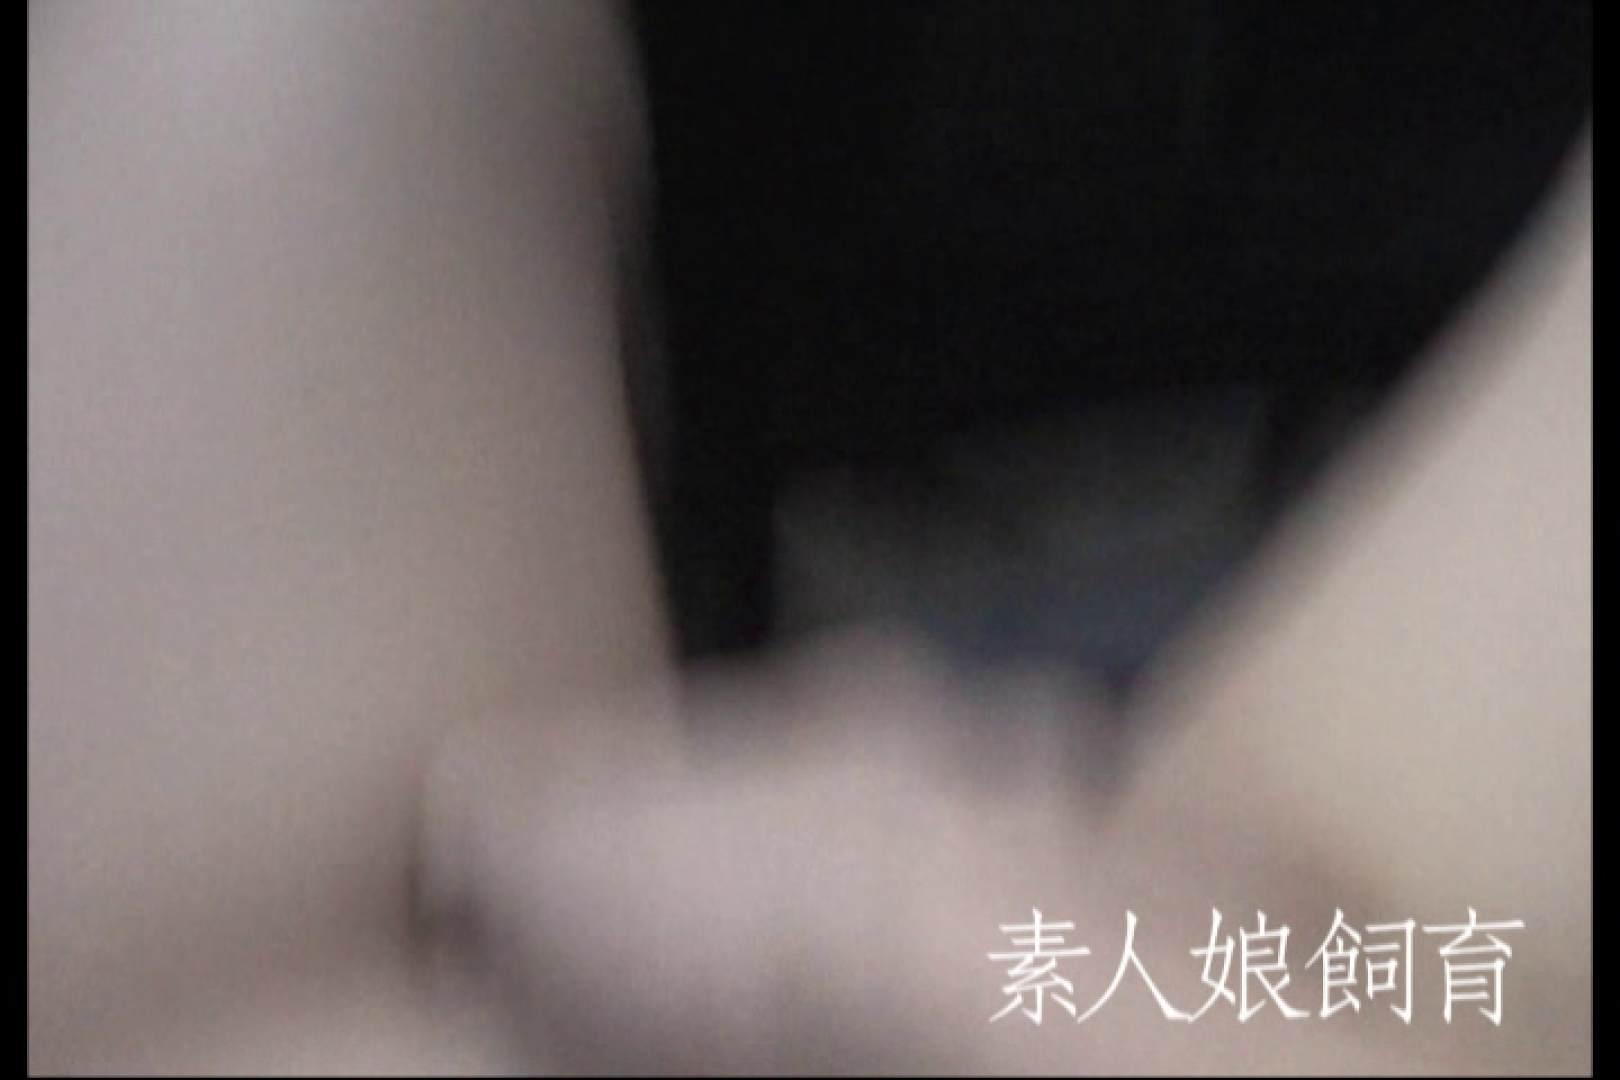 素人嬢飼育~お前の餌は他人棒~6月17日野外露出 素人丸裸  74pic 60